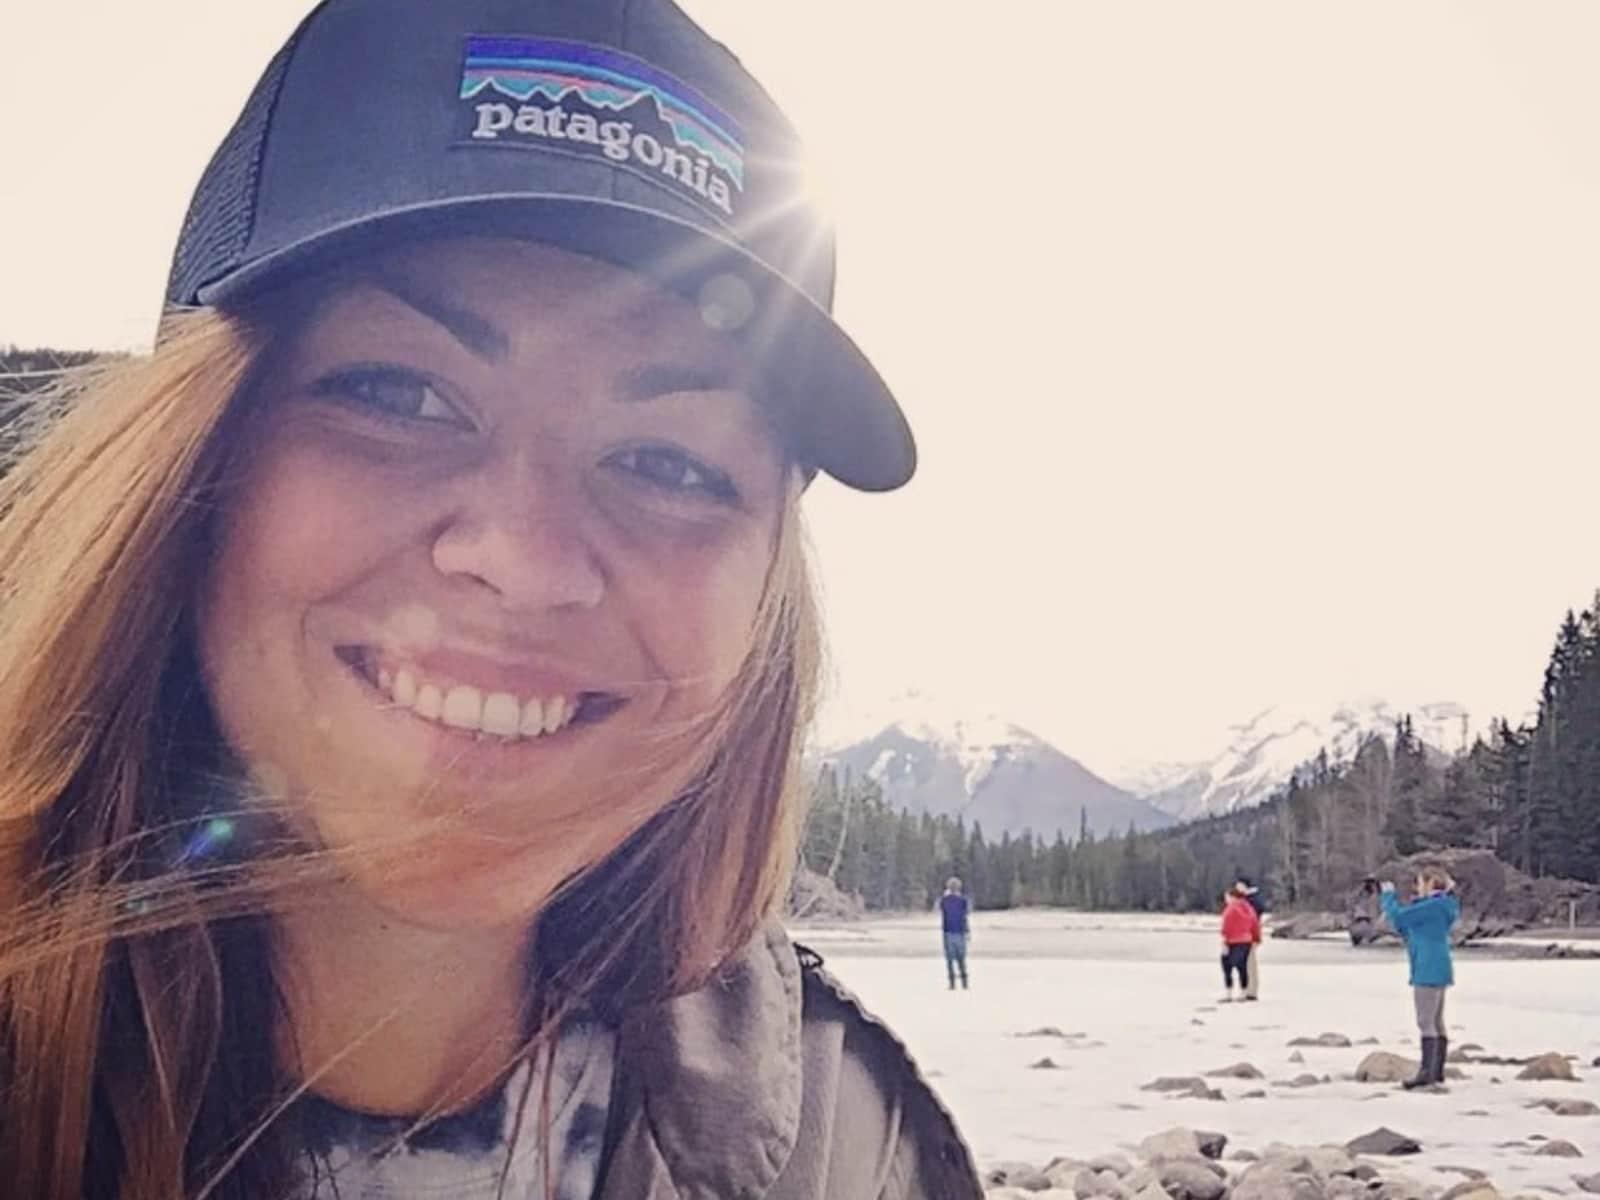 Alisha from Kelowna, British Columbia, Canada